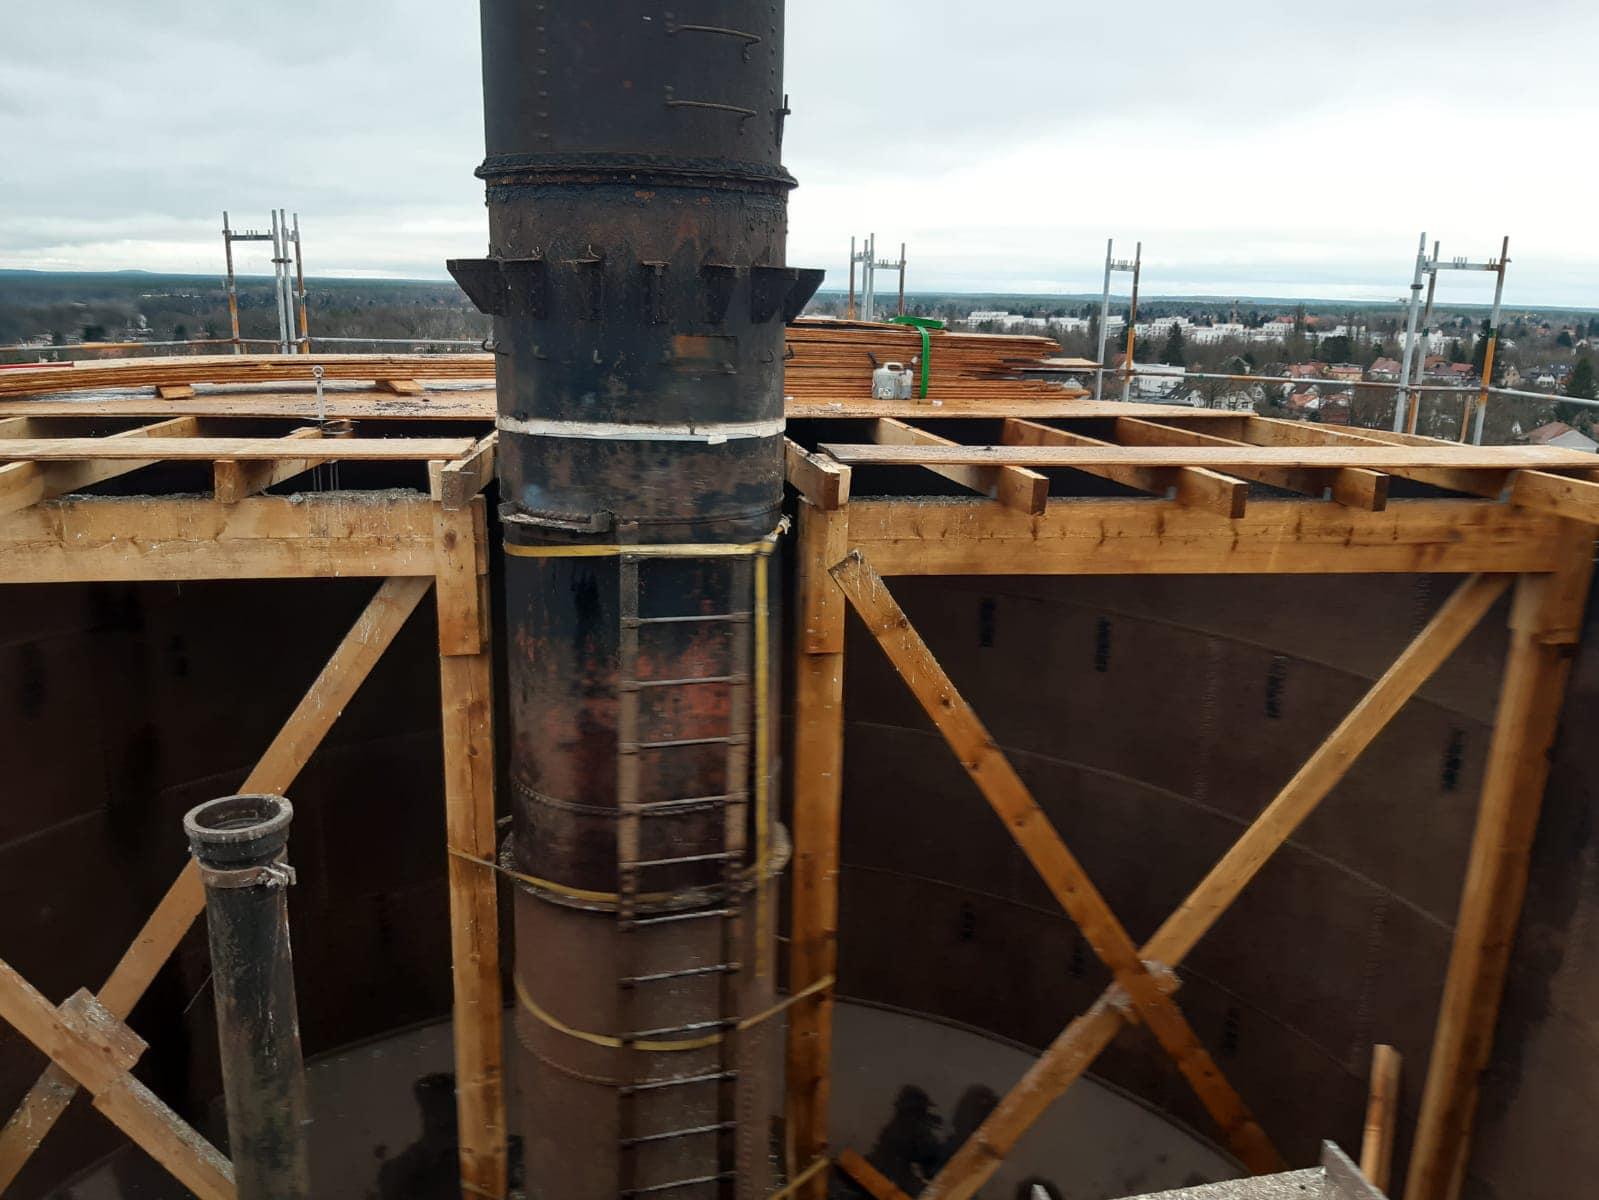 Rückbau eines historischen Wasserturms in Berlin Altglienicke